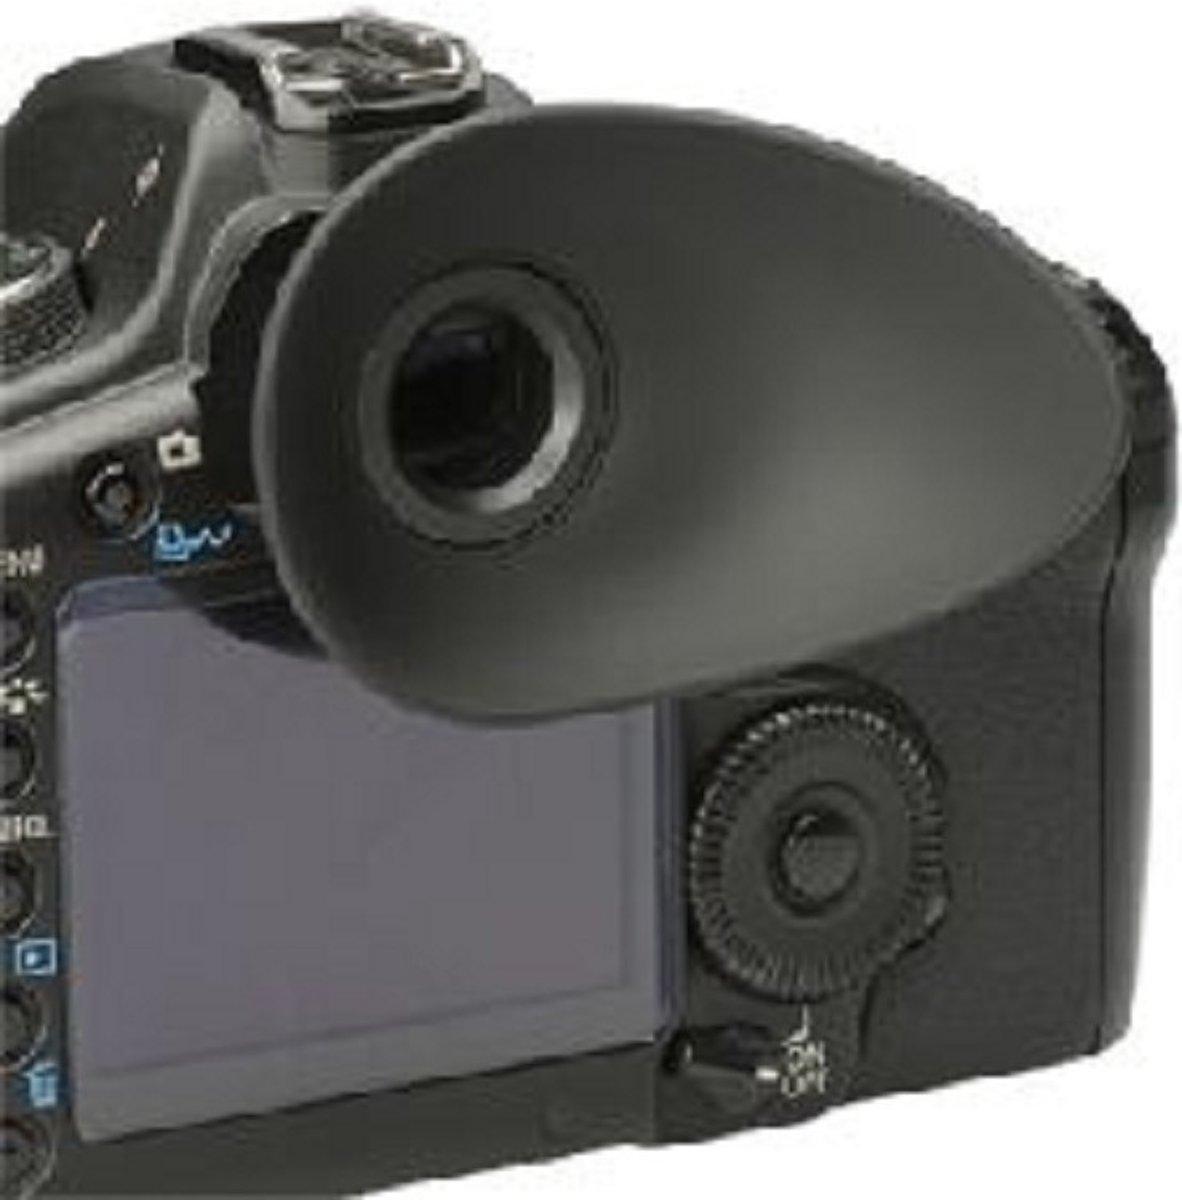 Hoodman HoodEye Brilmodel voor Canon 7D, 1DS MARK lll en Vl kopen